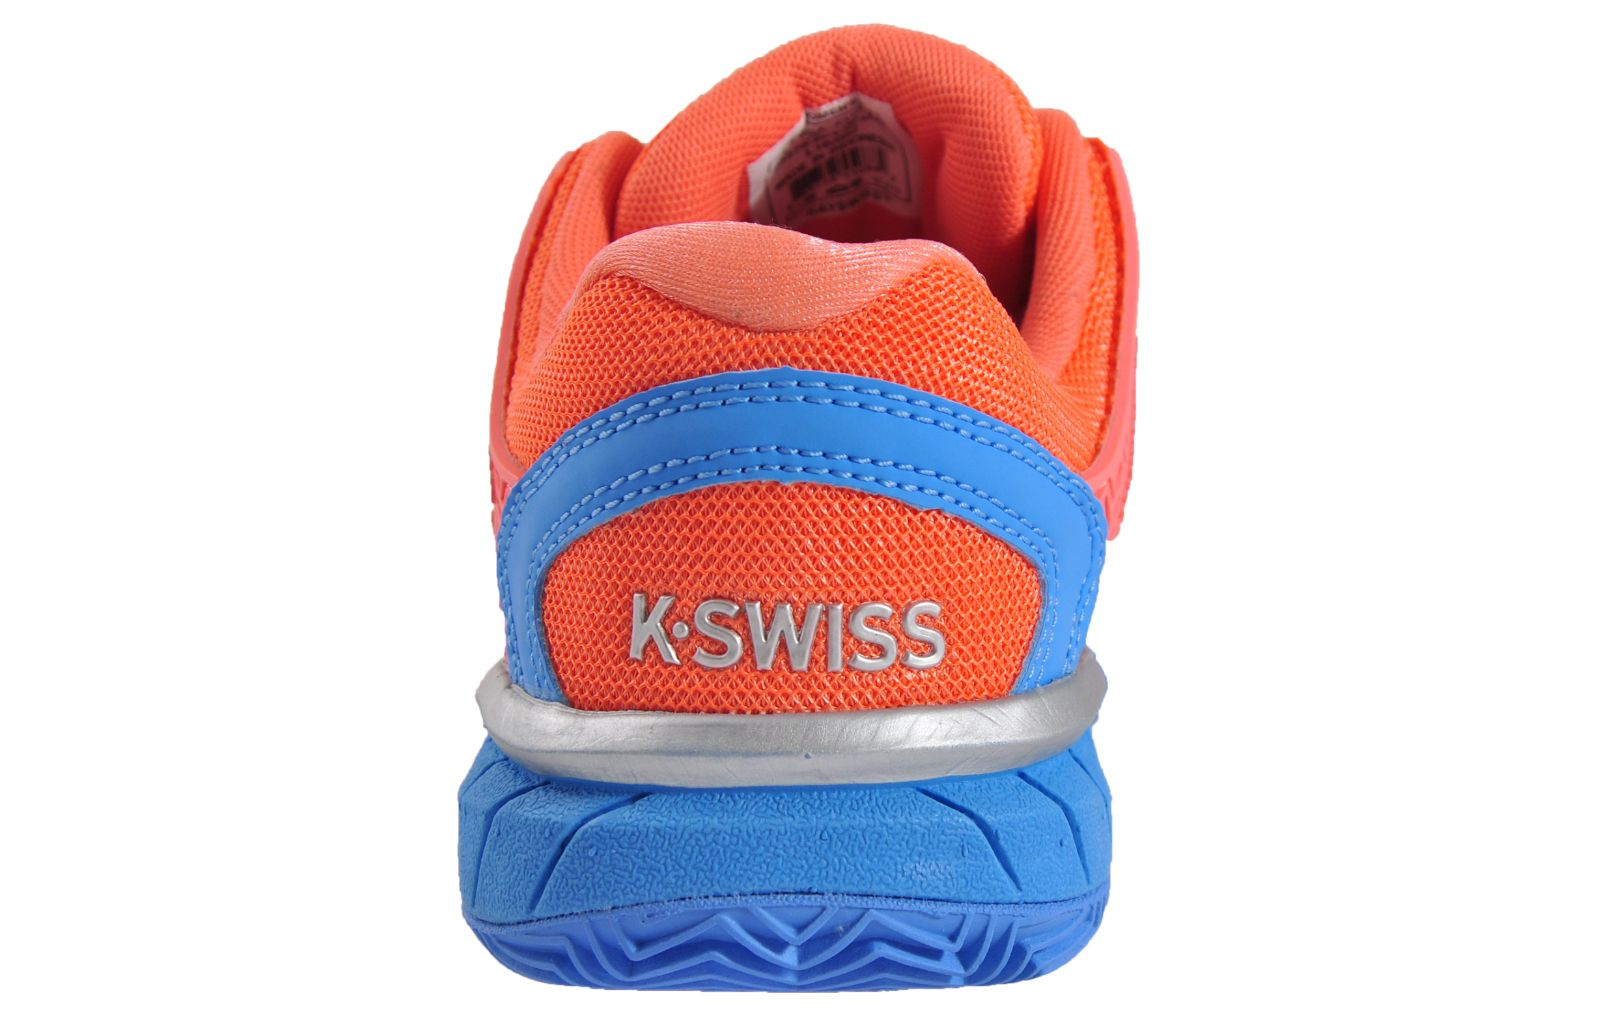 K Swiss Hypercourt Express HB Womens